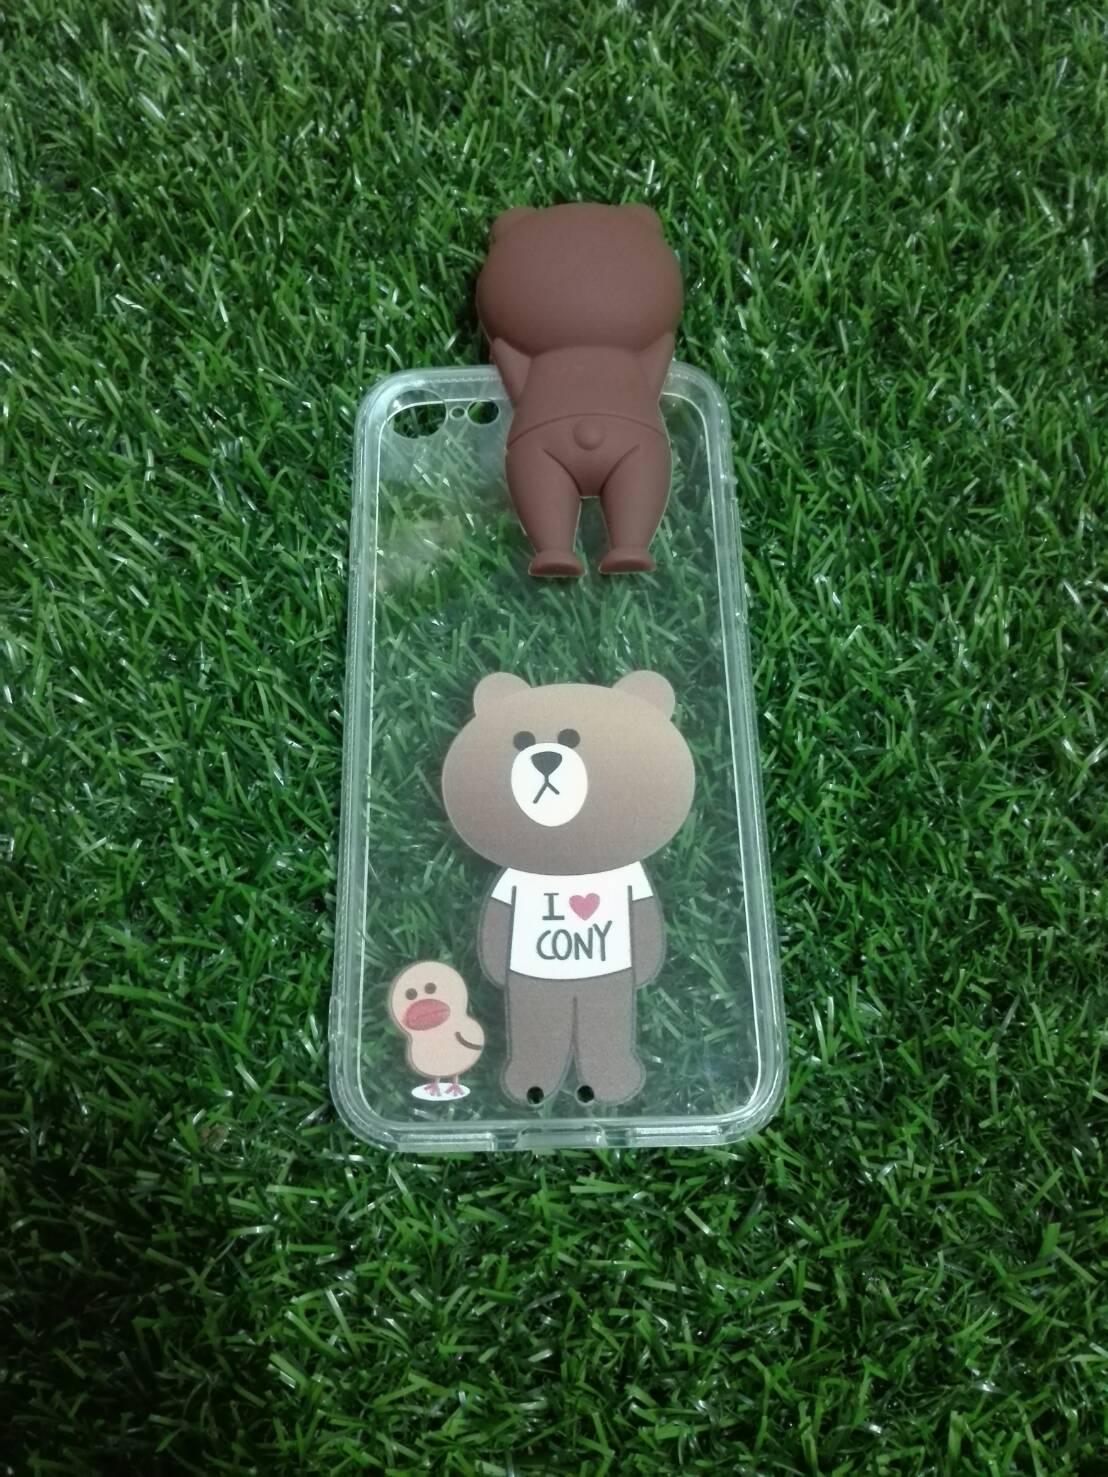 Tpu หมีน้ำตาลเกาะหลังลายหมีกับเป็ดน้อย (มีไฟ) iPhone7/iphone8(ใช้เคสตัวเดียวกัน)